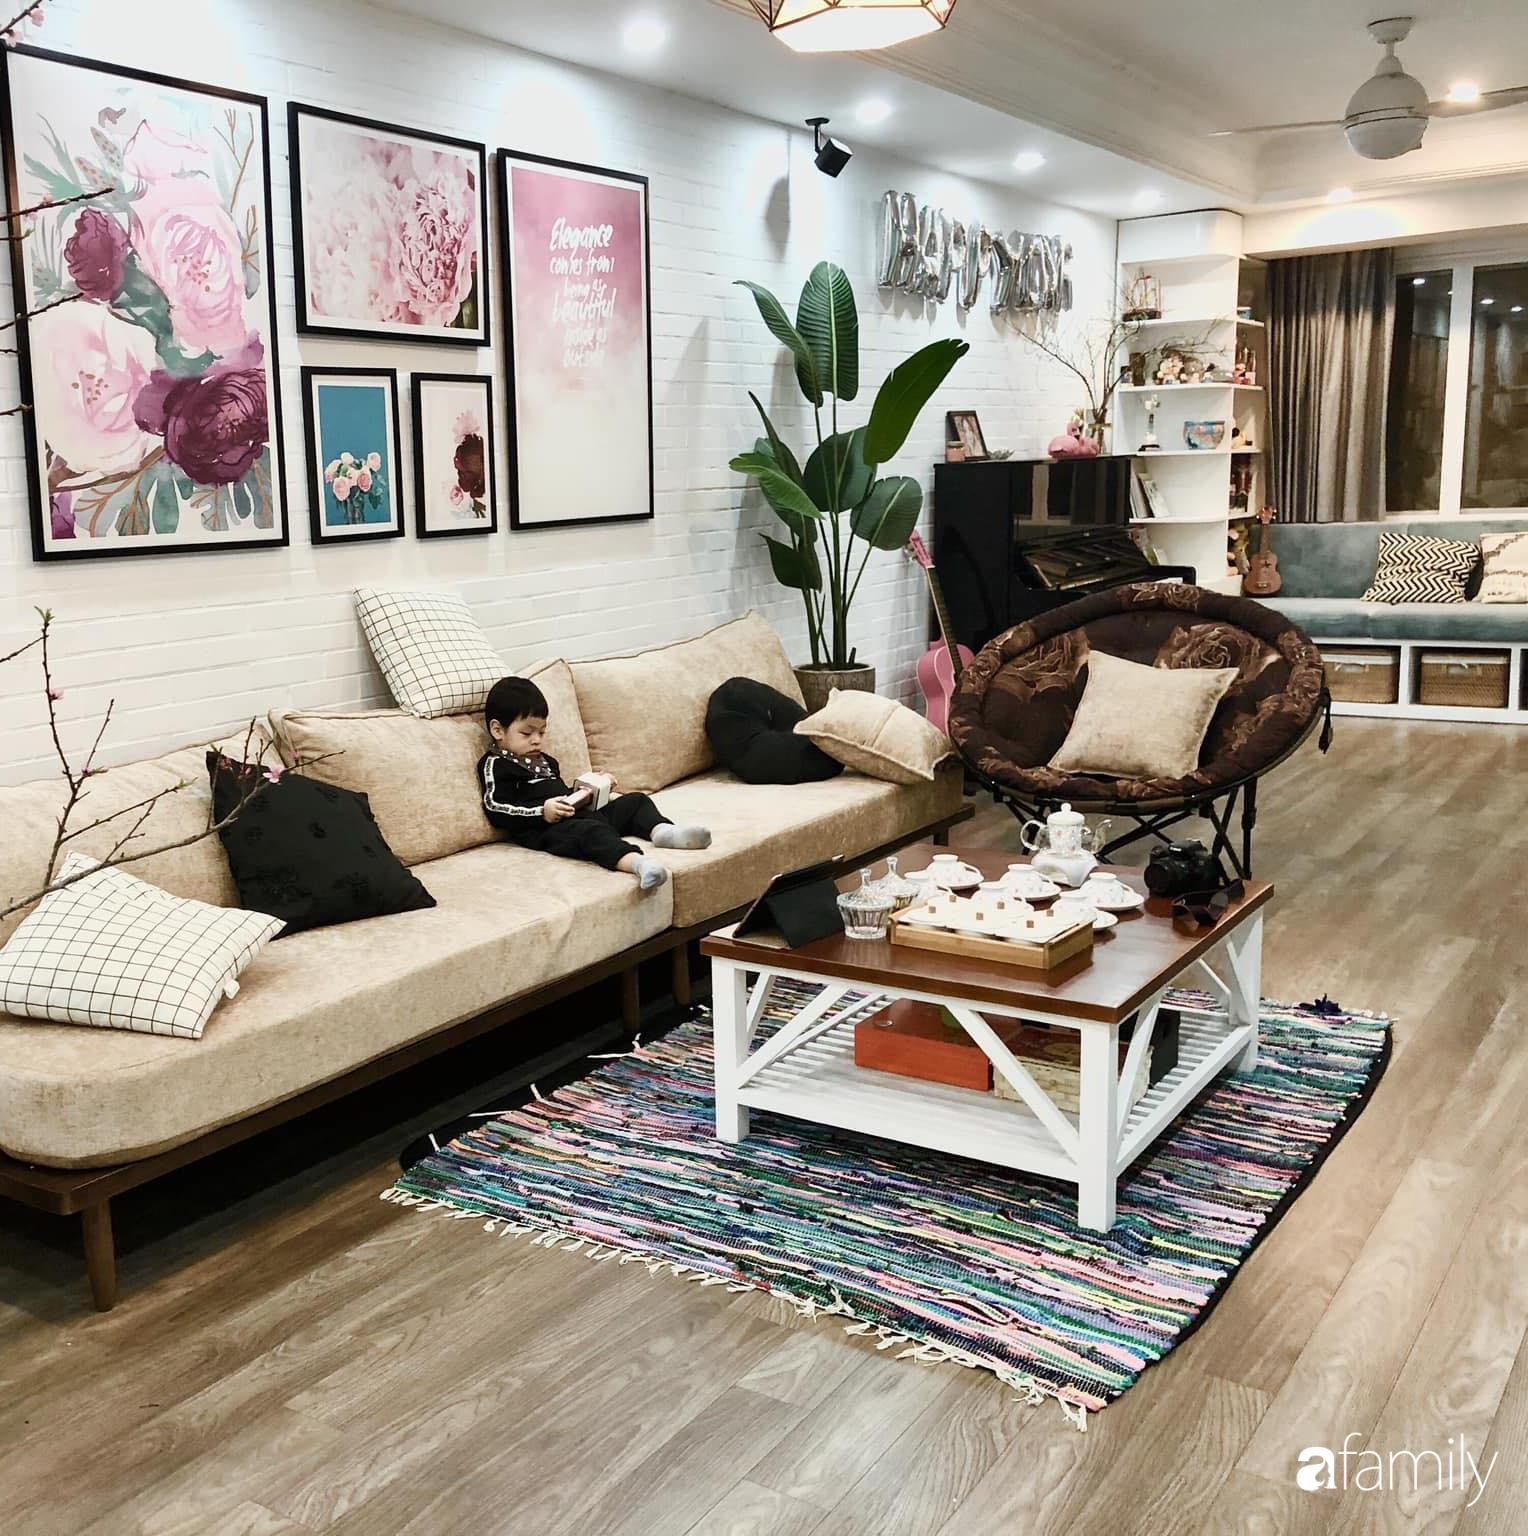 Căn hộ 145m² được décor ấn tượng với điểm nhấn màu xanh ngọc cùng tranh treo tường từ người phụ nữ yêu gia đình ở Hà Nội - Ảnh 4.